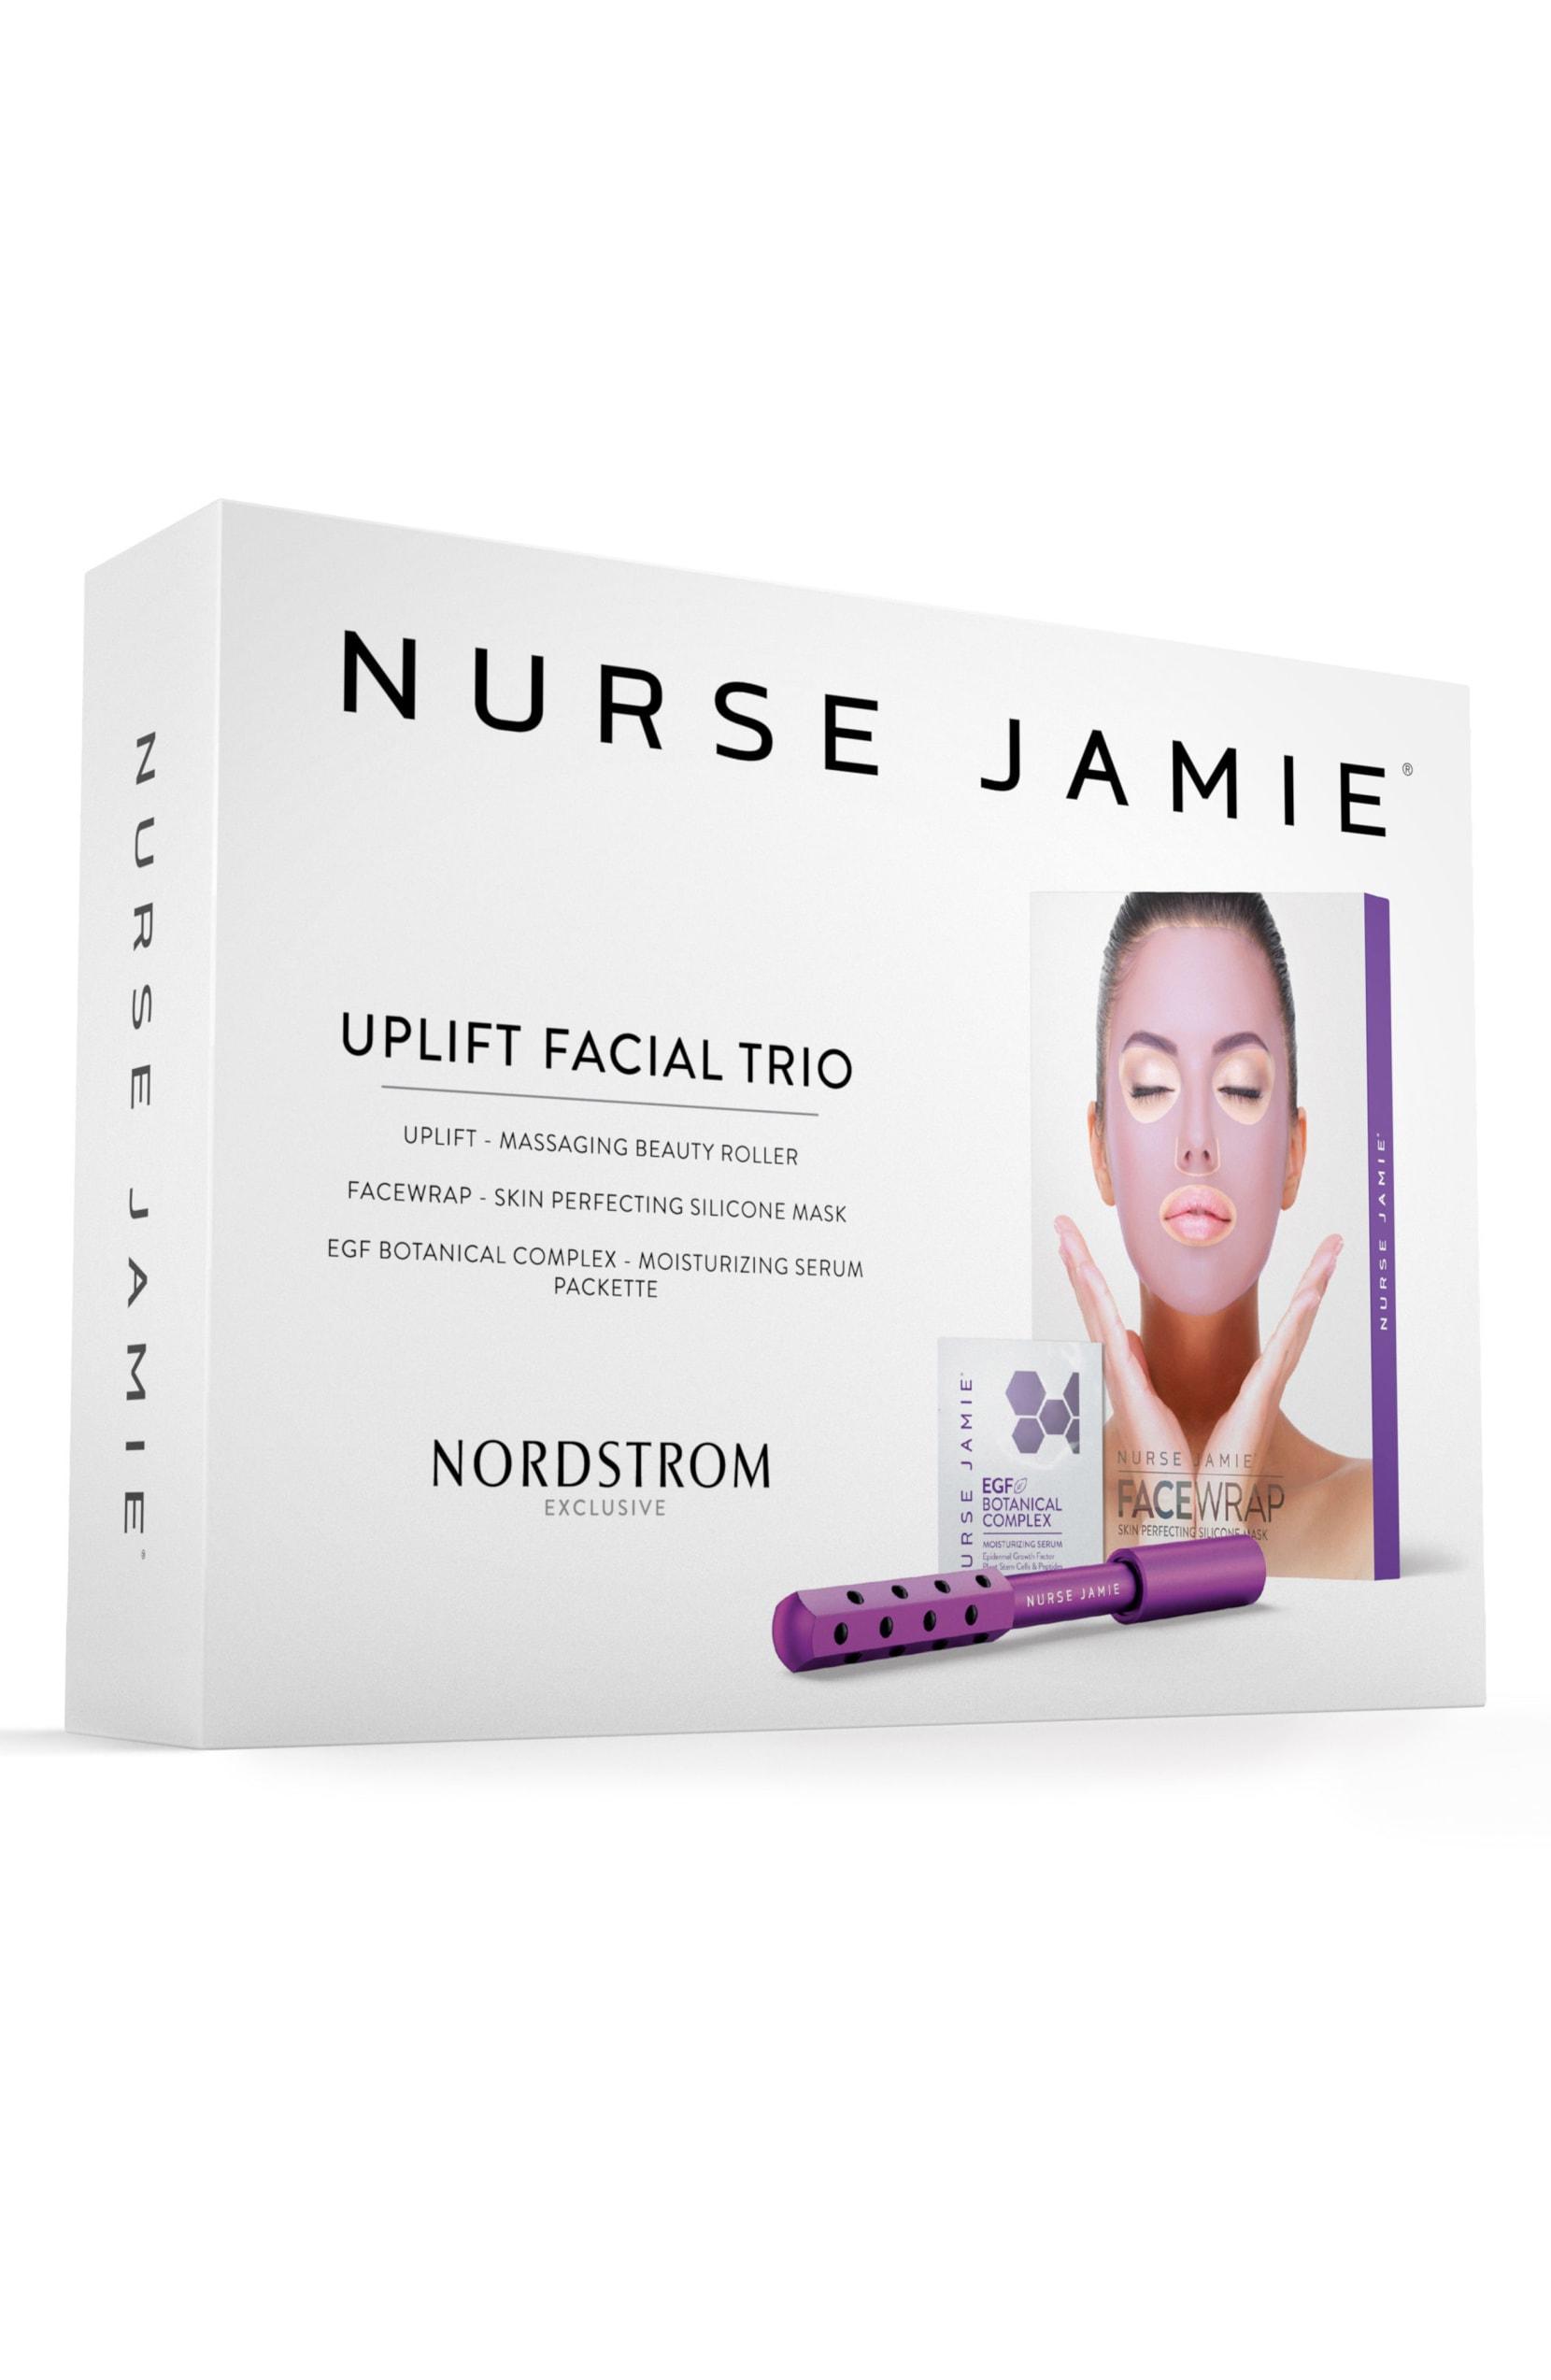 Nurse Jamie Uplift Facial Trio